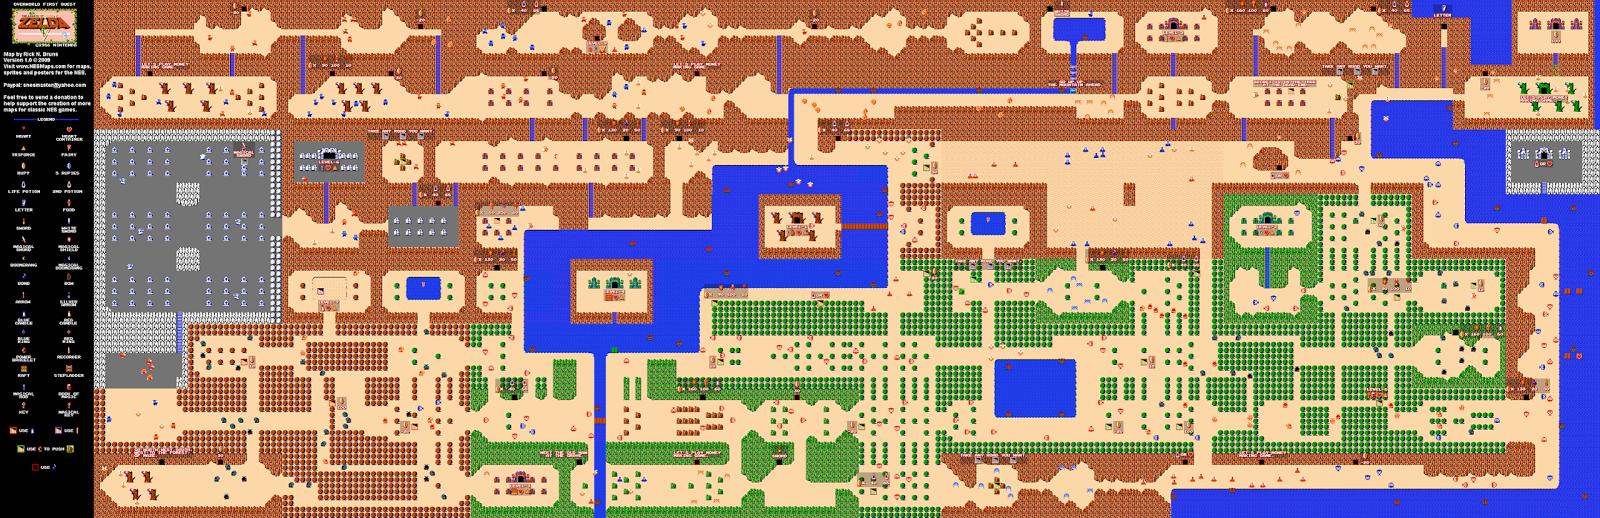 Nintendo Cartes Map Et Guide Officiel June 2013